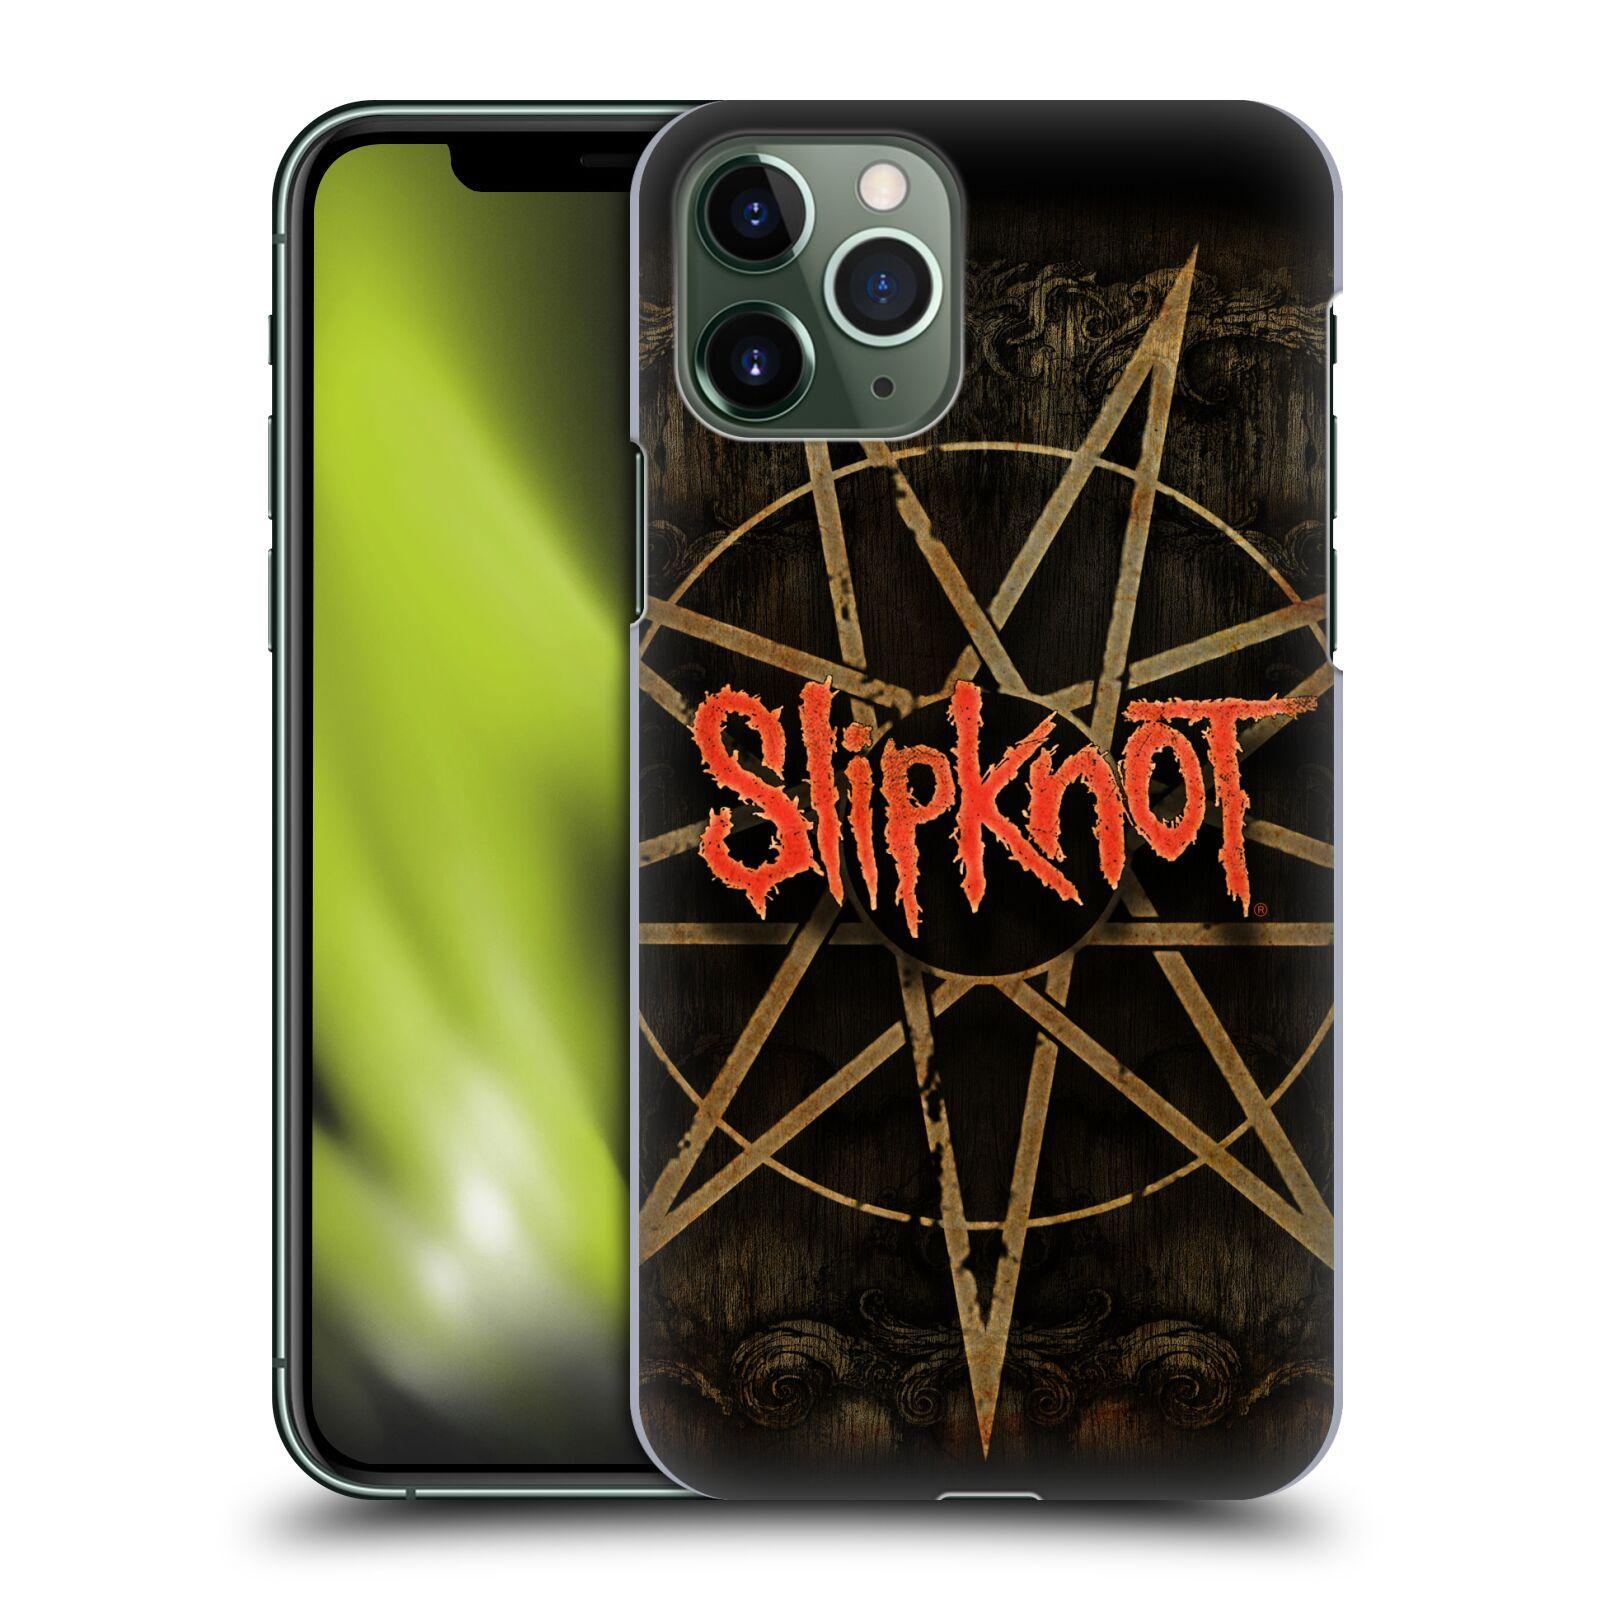 Plastové pouzdro na mobil Apple iPhone 11 Pro - Head Case - Slipknot - Znak